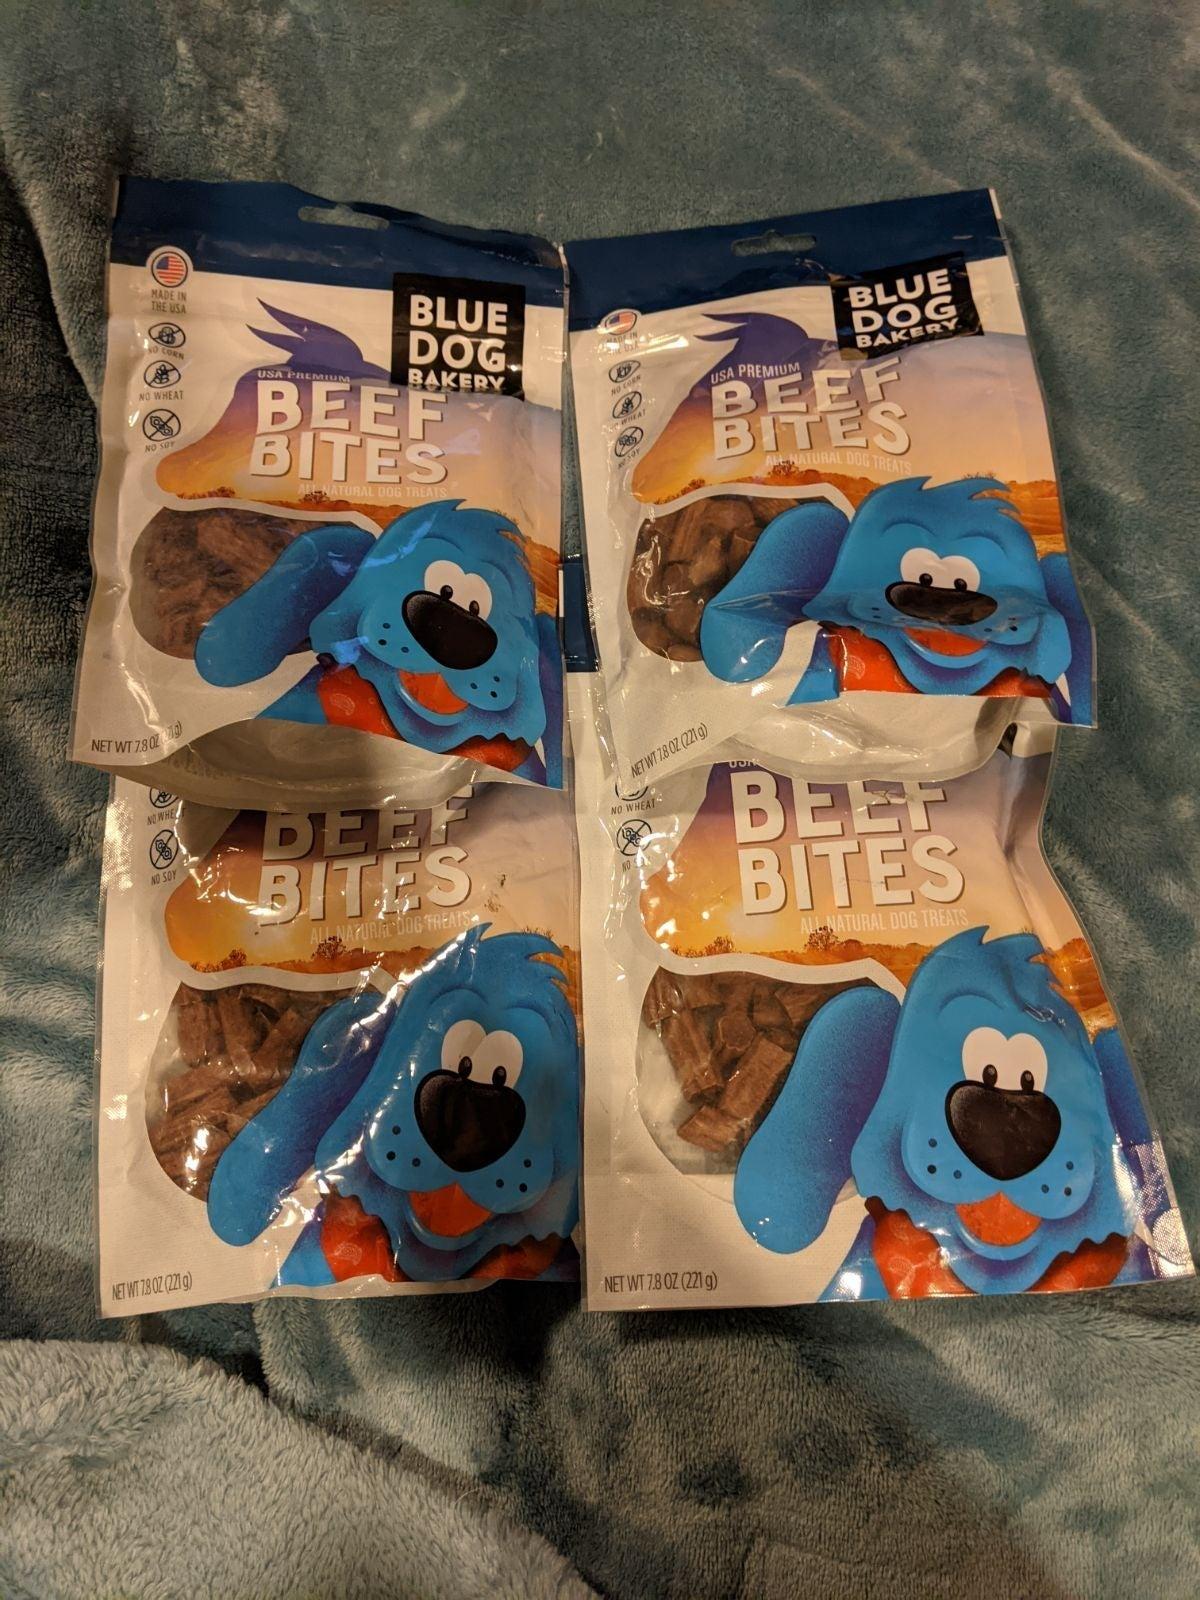 Blue Dog Bakery beef bites treat bundle